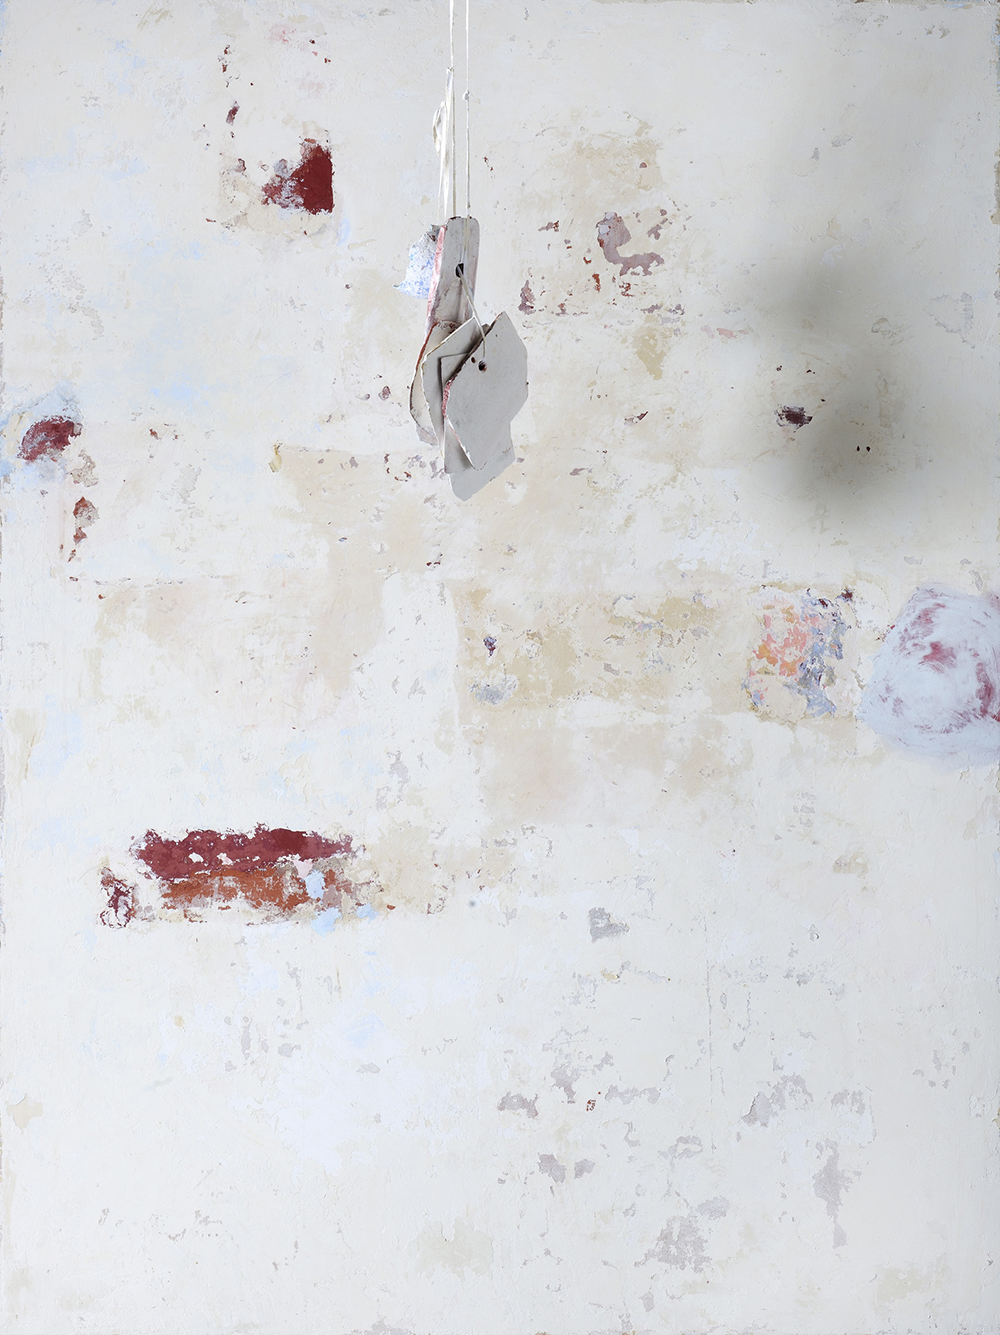 Strappo d'affresco, 2012, tecnica mista su tavola e cocci, cm 200x150